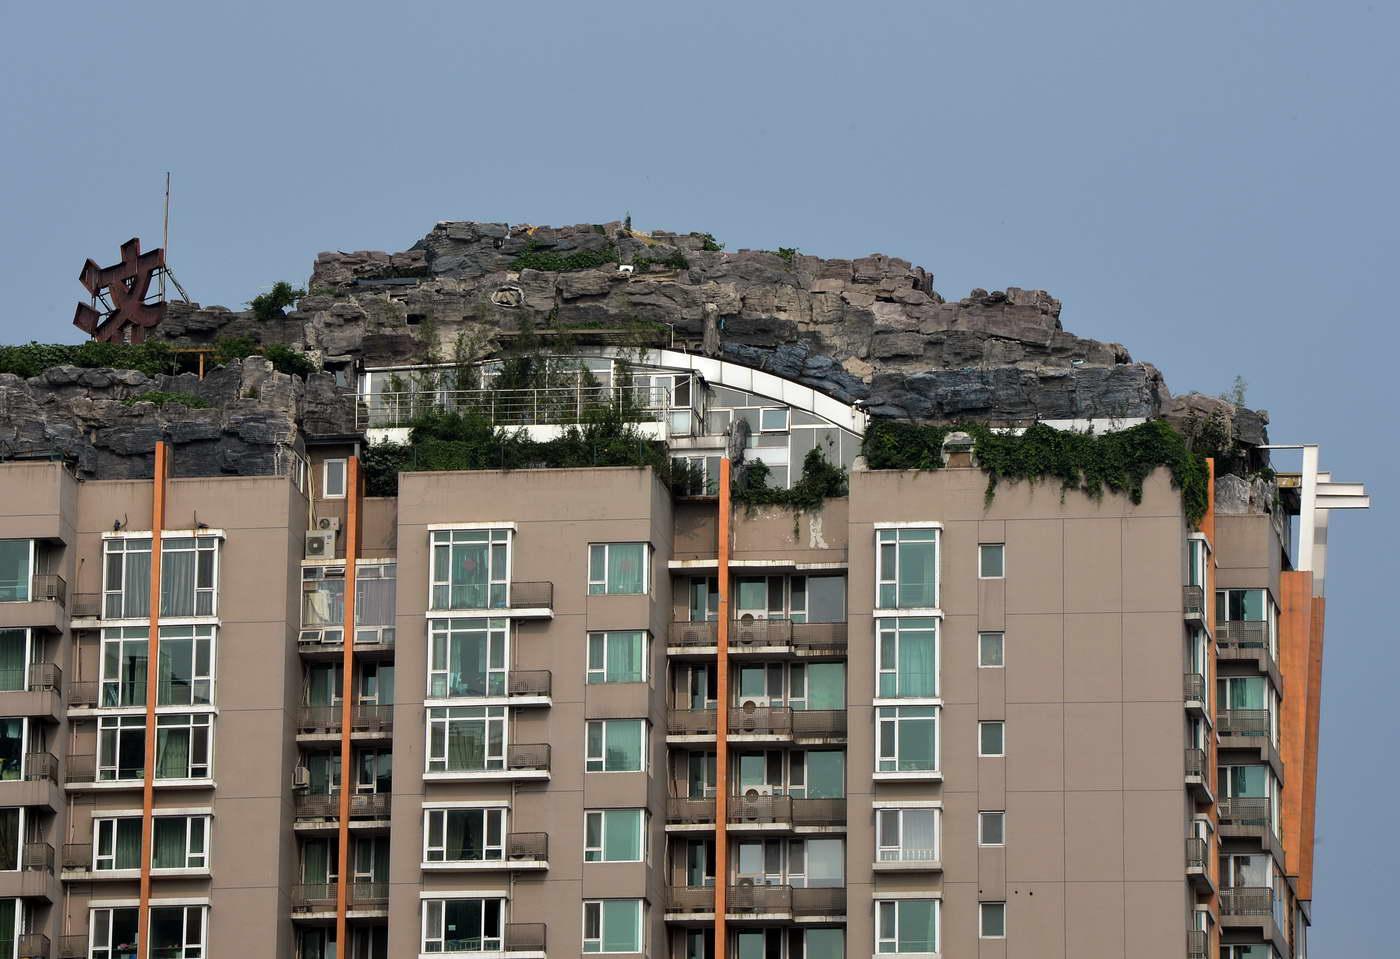 bizarr szikla kert és ház a tetőn